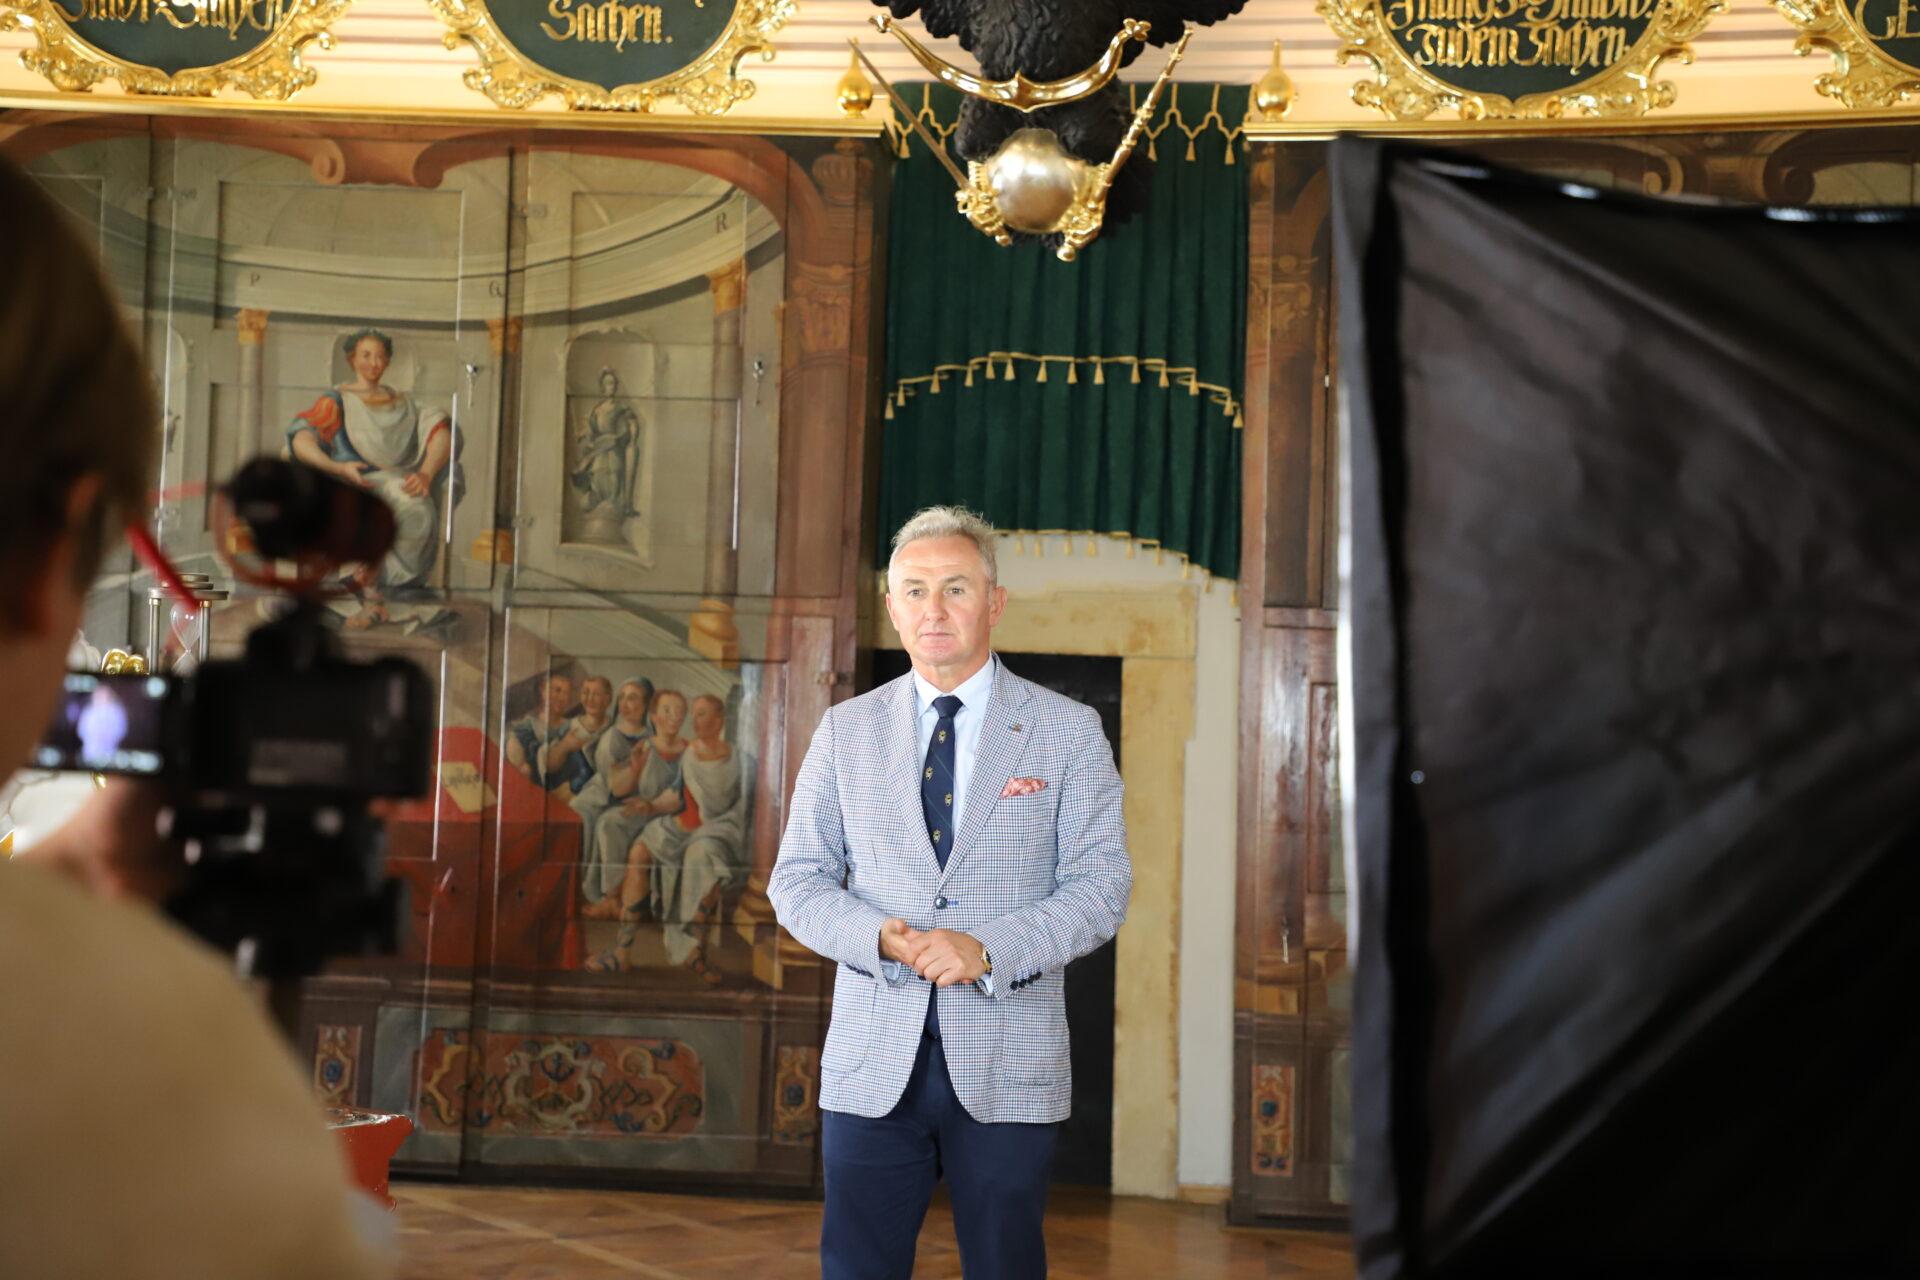 Burmistrz Jerzy Wrębiak podczas nagrywania materiału